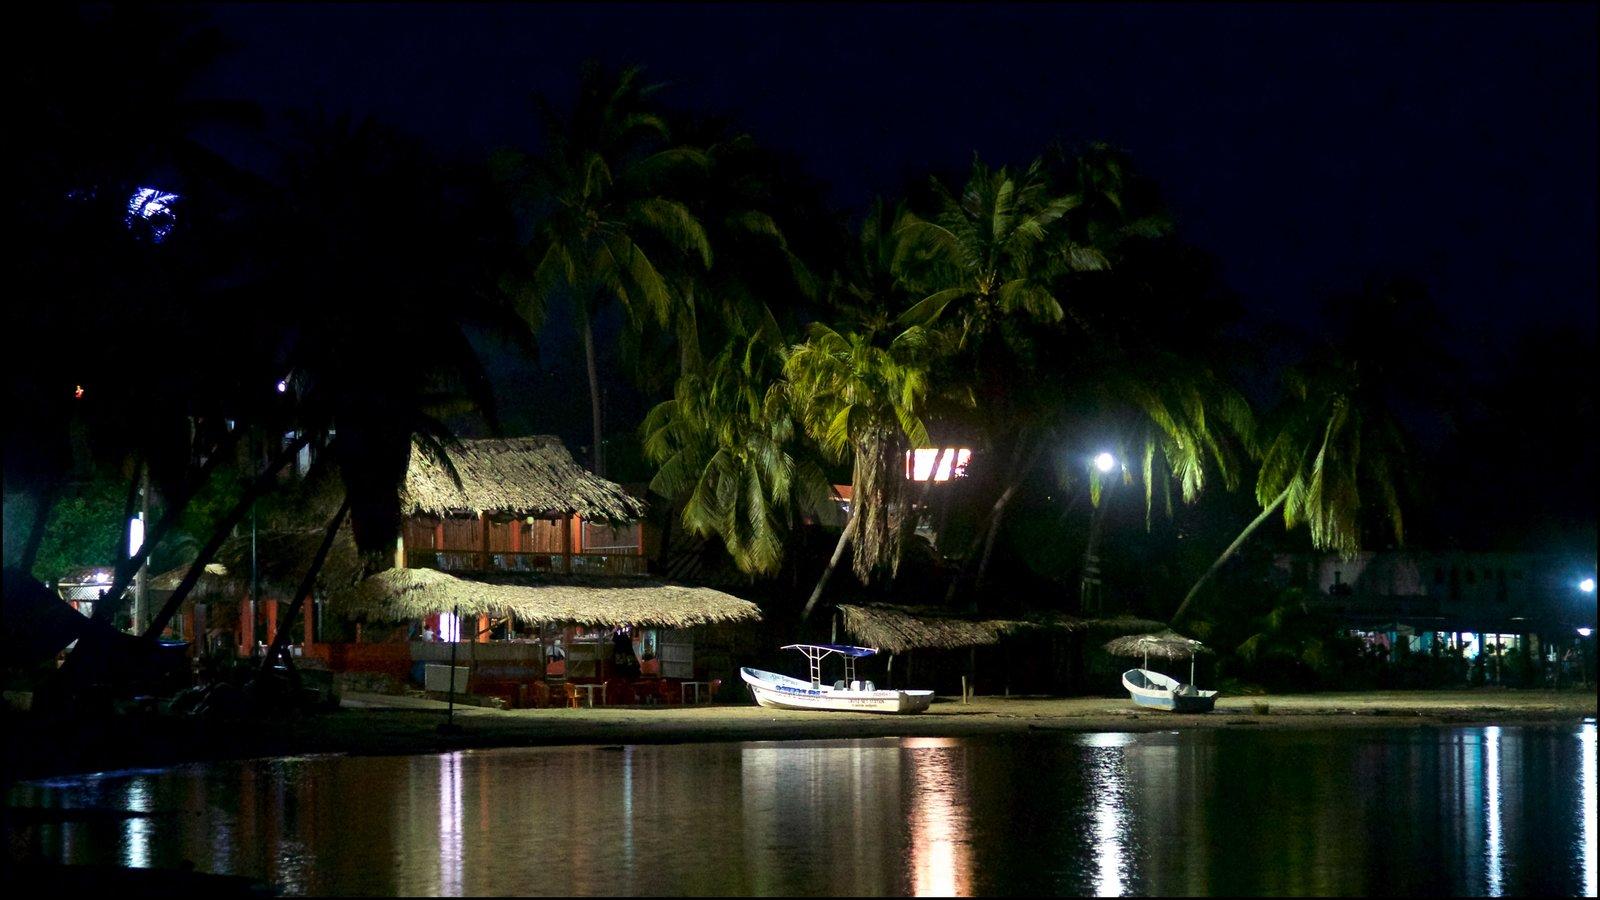 Puerto Escondido ofreciendo vistas generales de la costa, escenas tropicales y escenas nocturnas